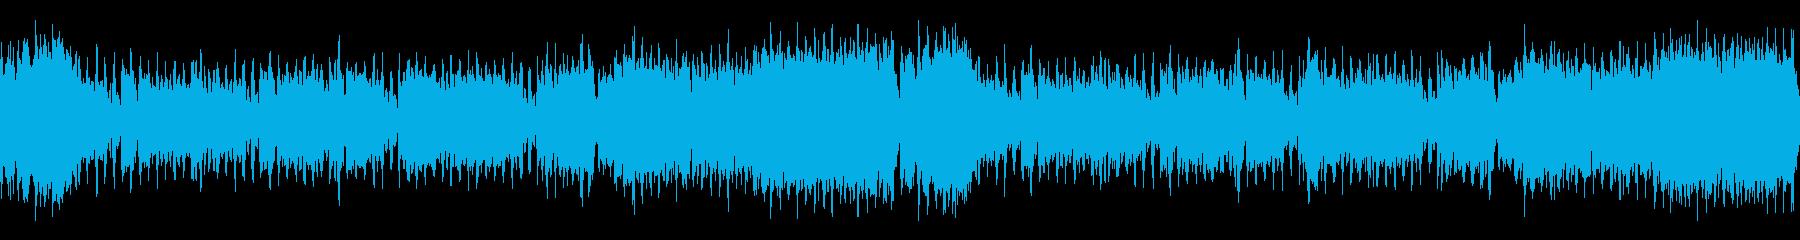 【行進曲】思わず入場したくなるBGMの再生済みの波形